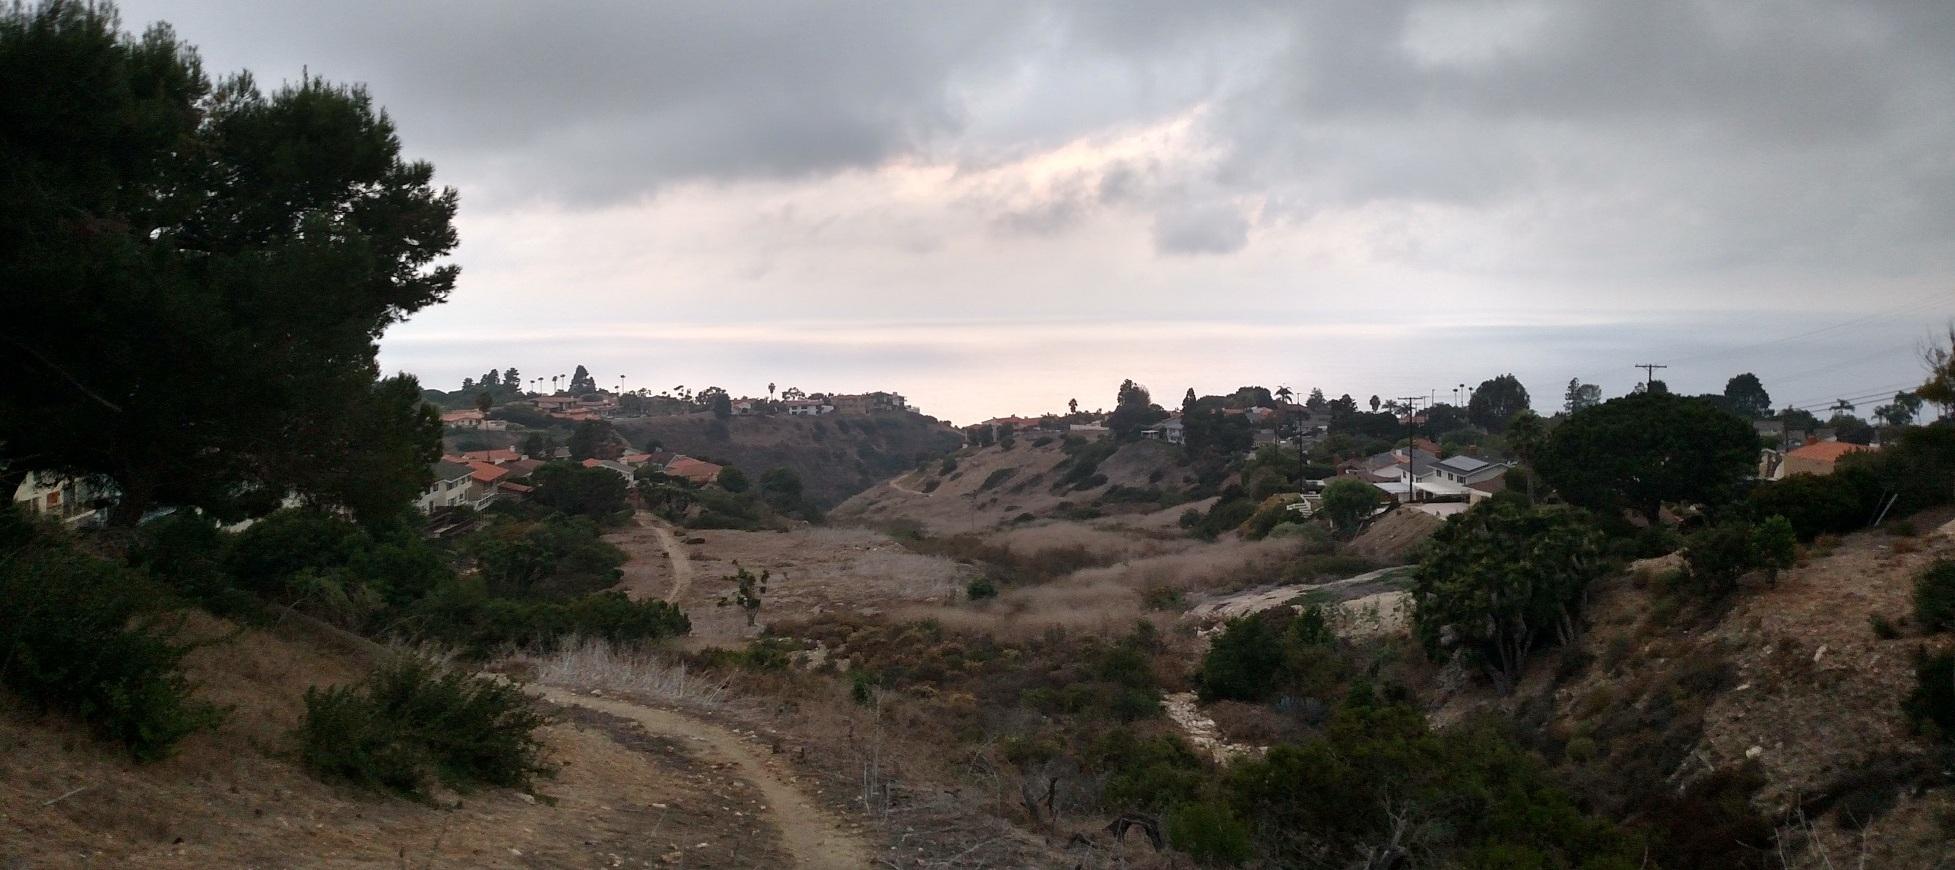 Lunada Canyon, Rancho Palos Verdes, CA